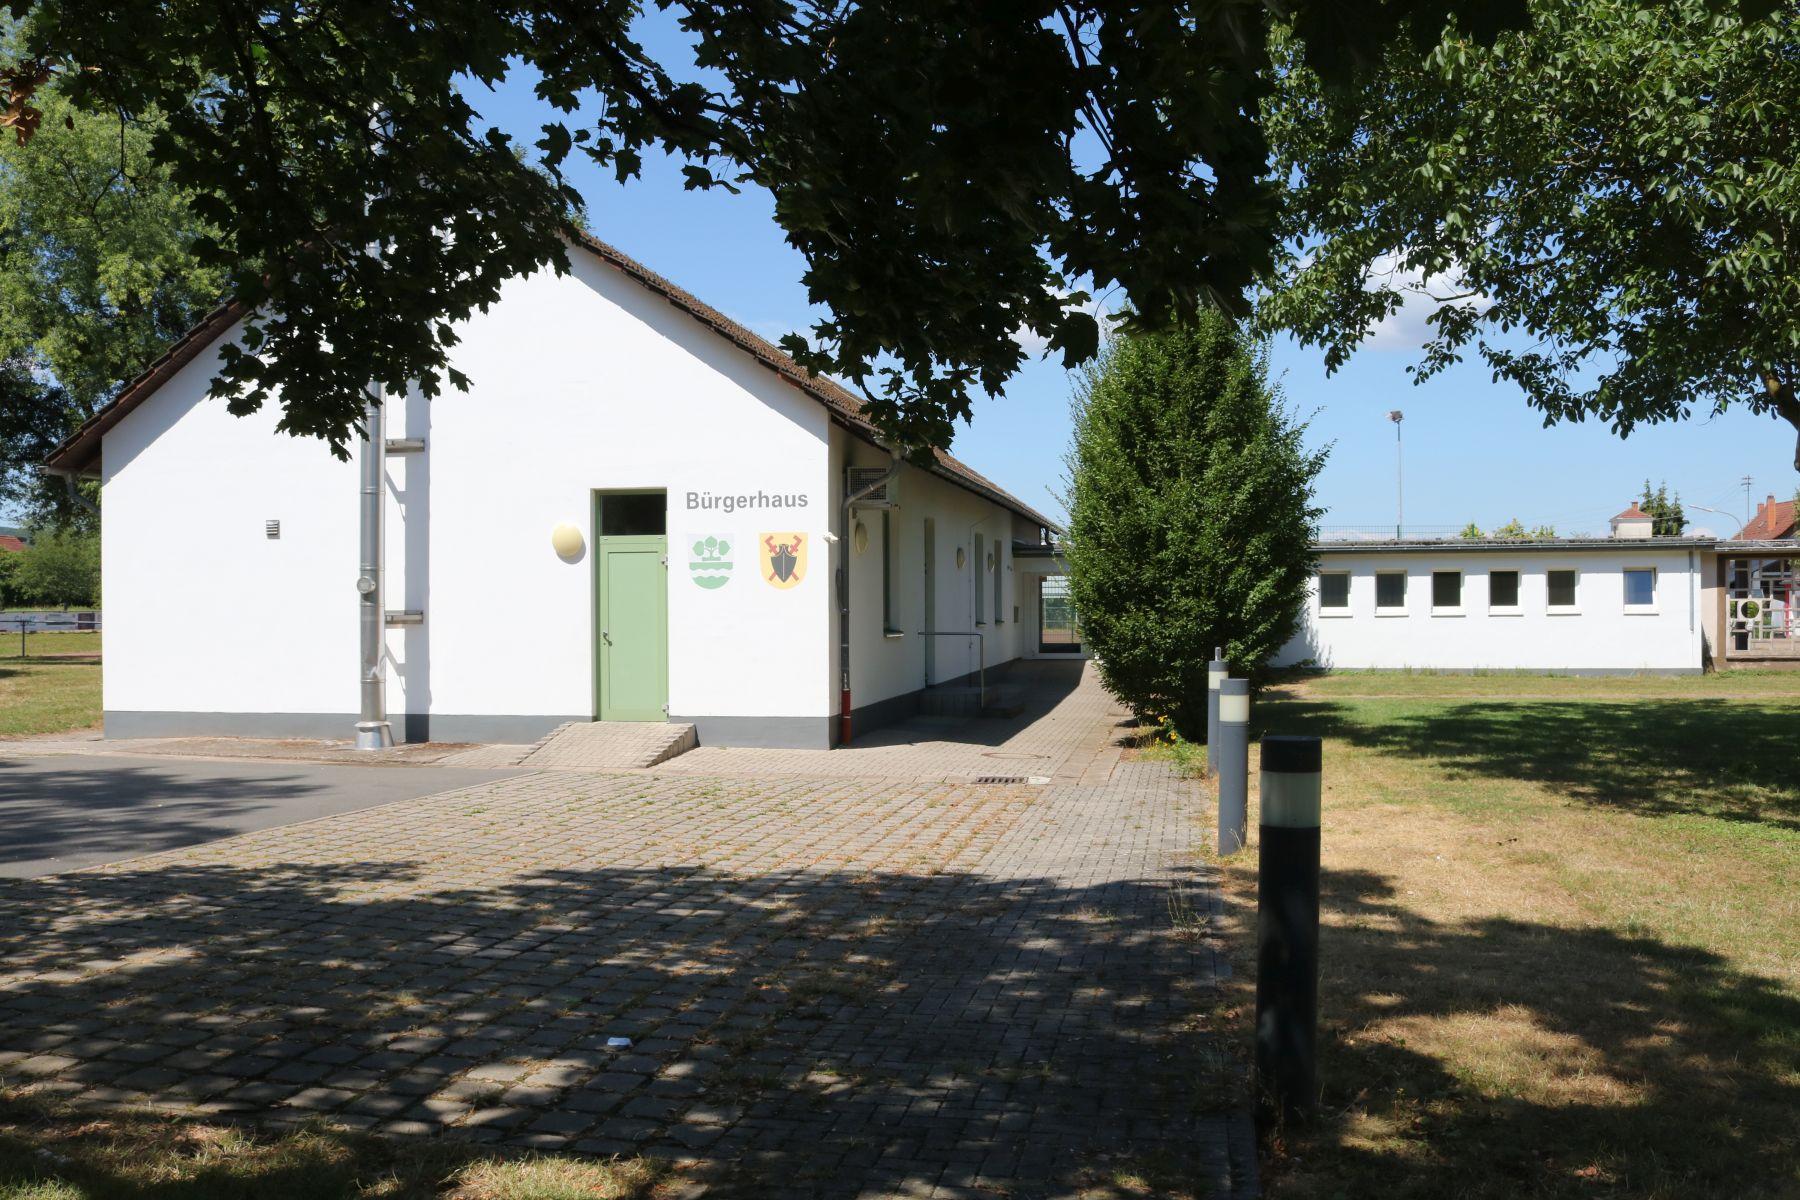 Bürgerhaus in Ballern